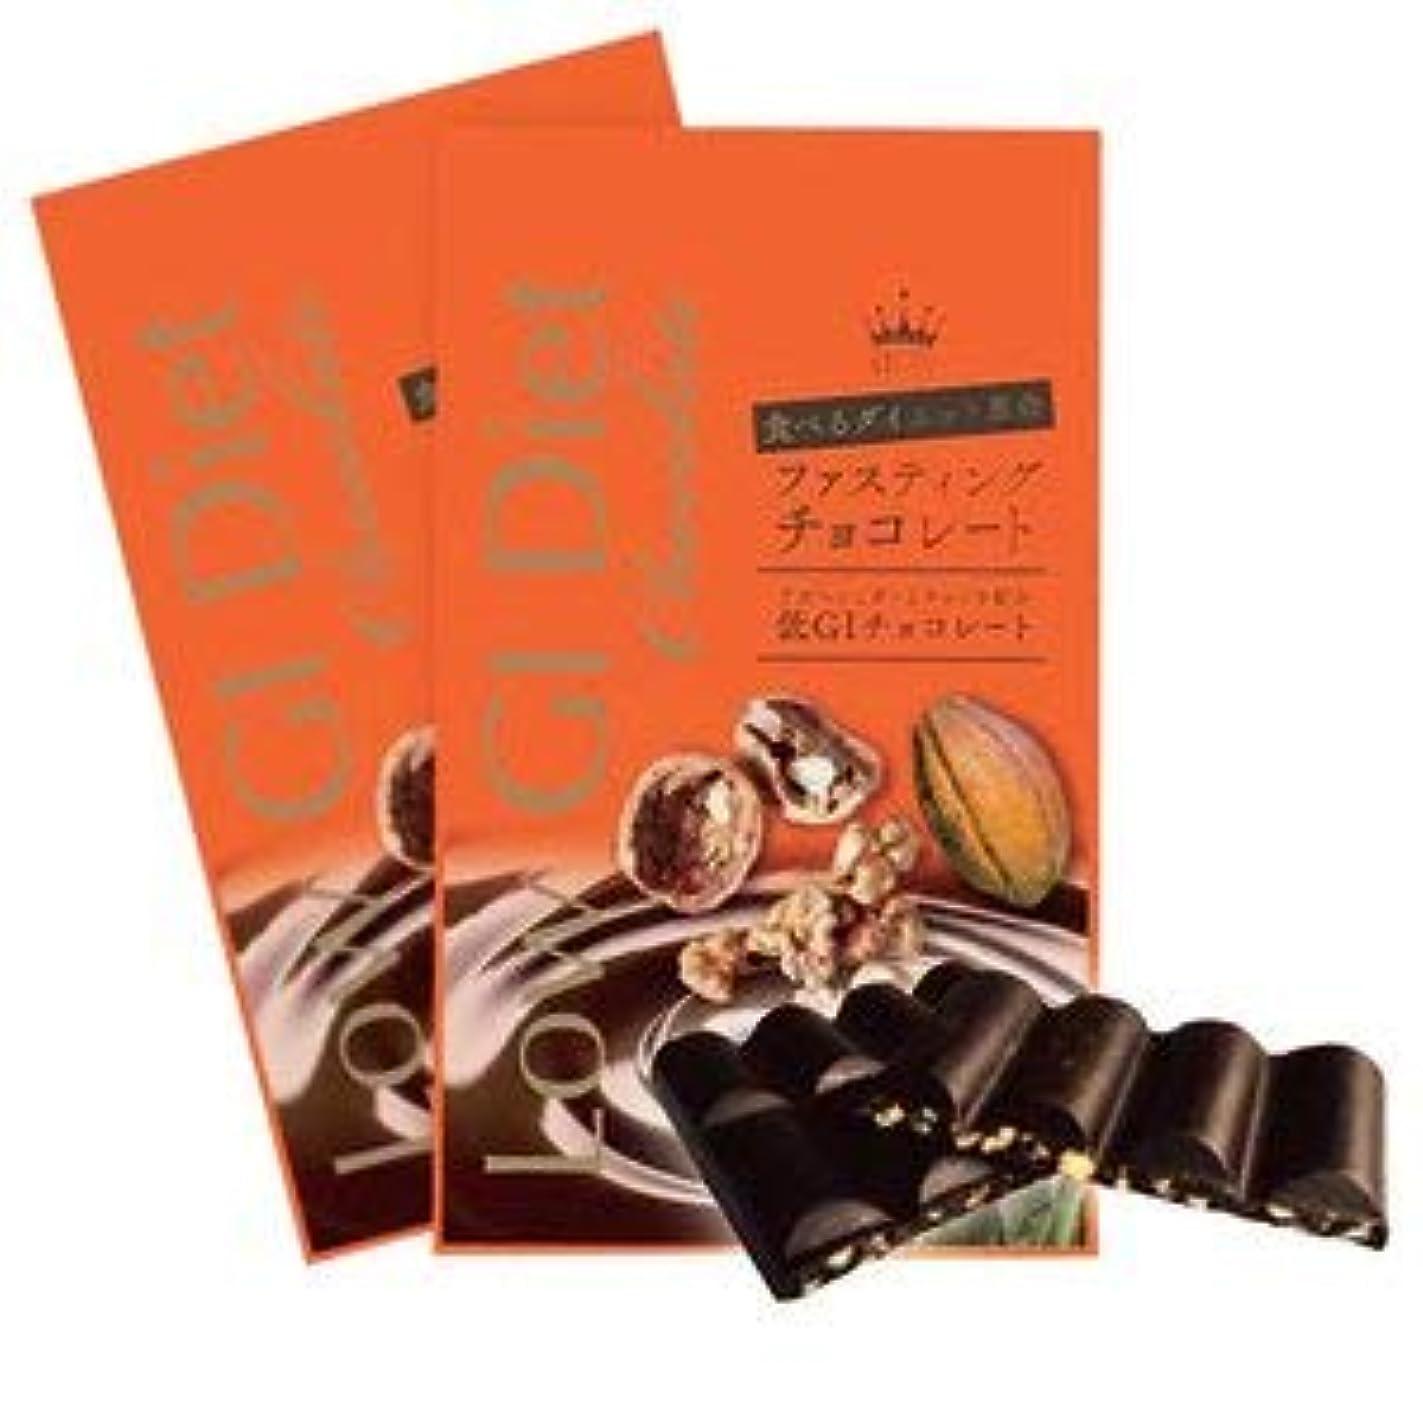 強盗レオナルドダ子供達ファスティングチョコレート 25g×3袋 2個セット